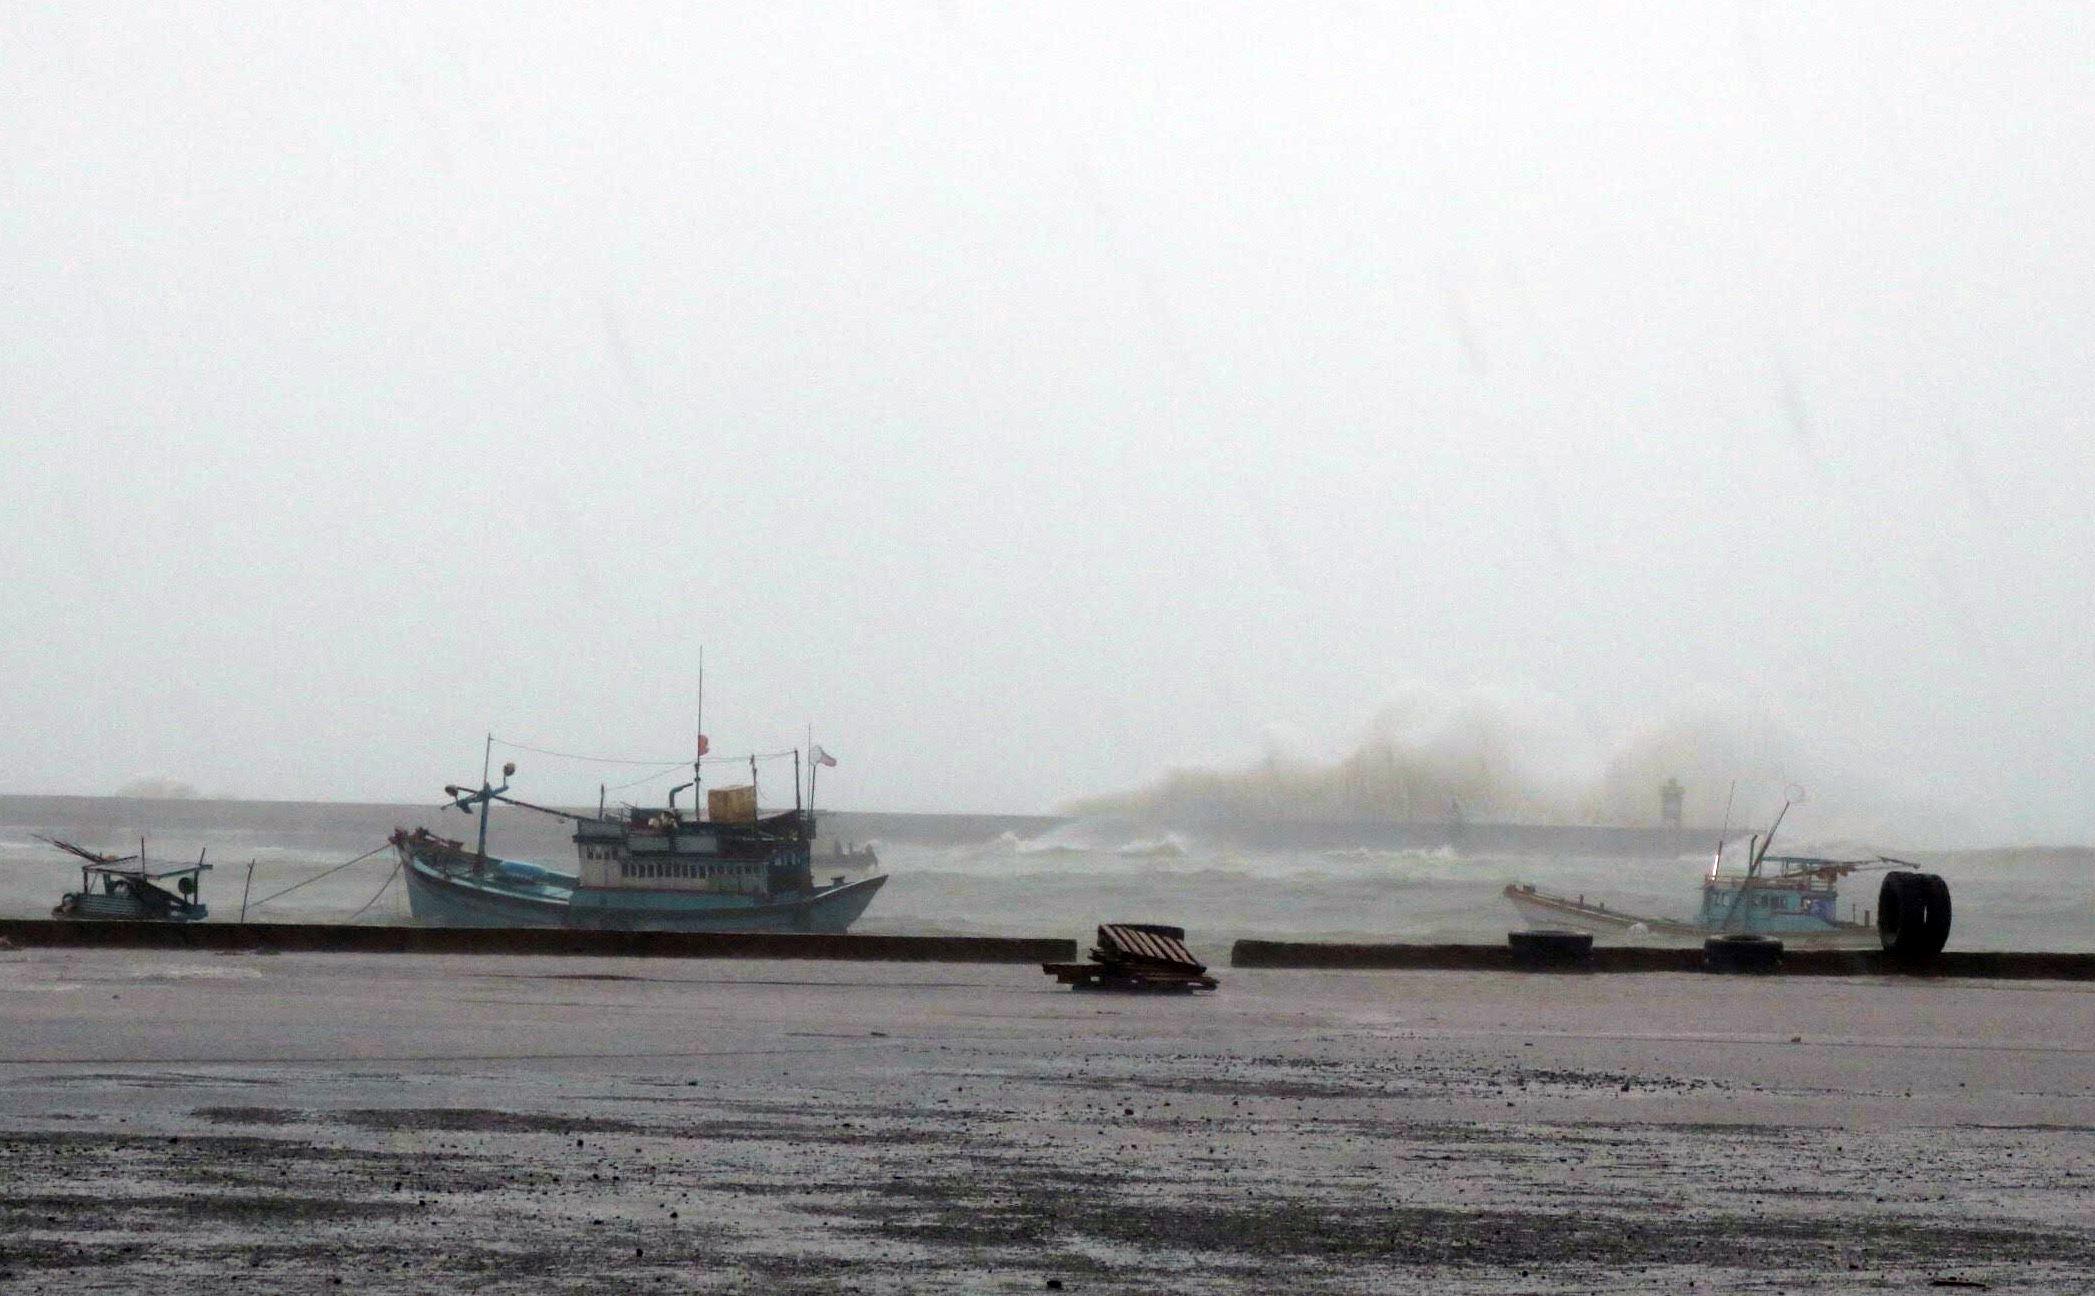 Bão Usagi áp sát đất liền, xuất hiện nguy cơ bão chồng bão - Ảnh 3